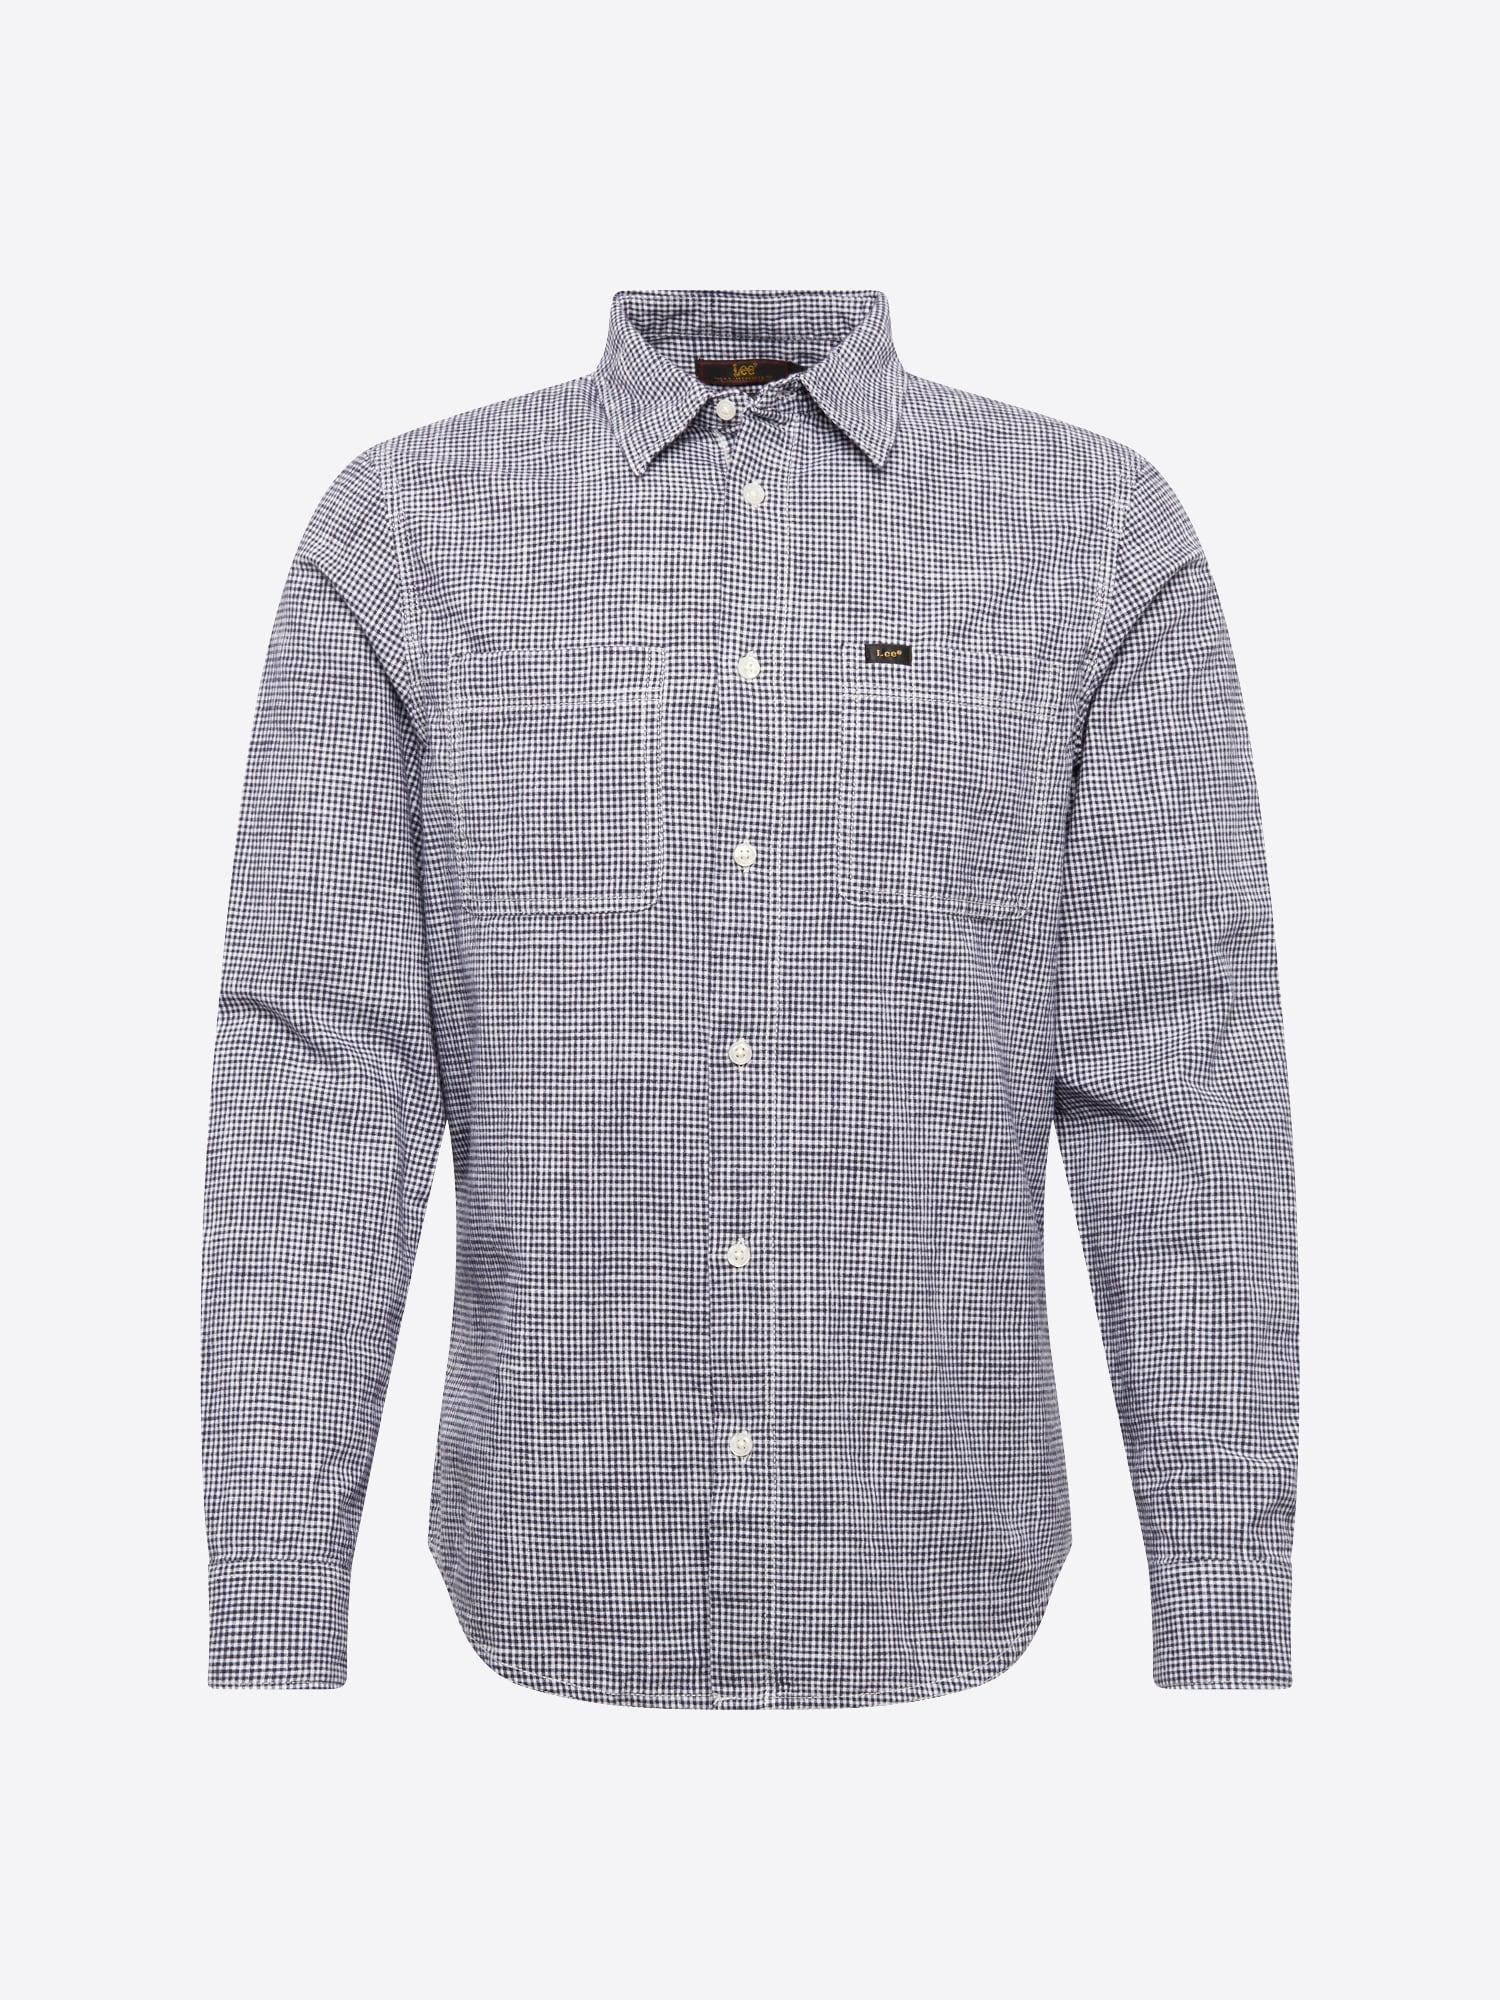 Heren Overhemd Met Drukknopen.Lee Heren Overhemd Worker Shirt Royal Blue Koningsblauw Zwart Shop